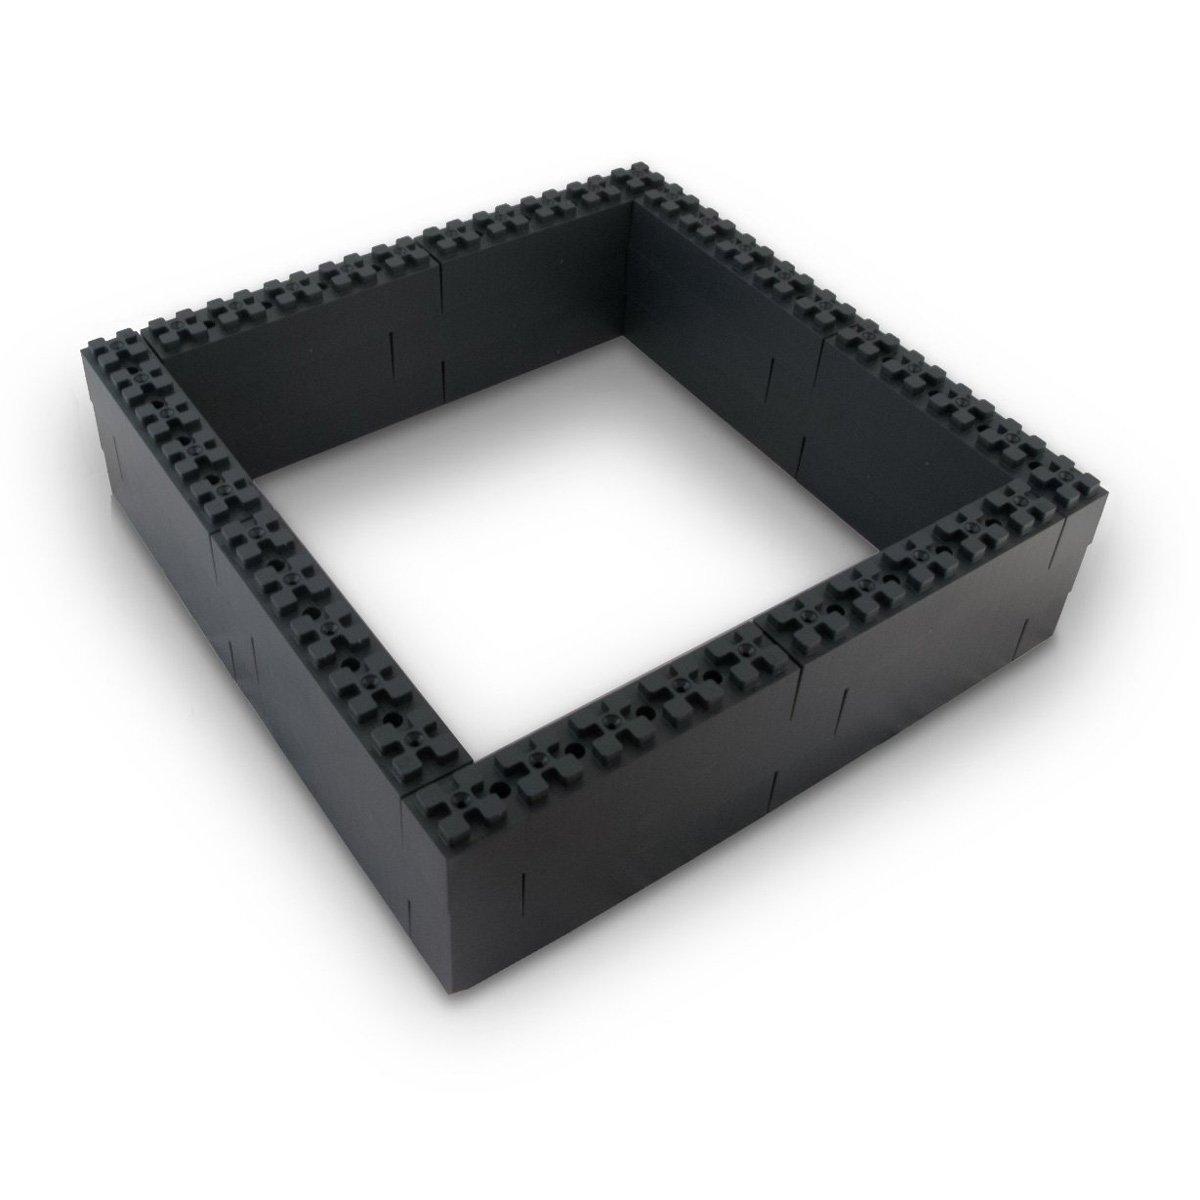 TogetherFarm Blocks Modular Interlocking Garden Box Kit The